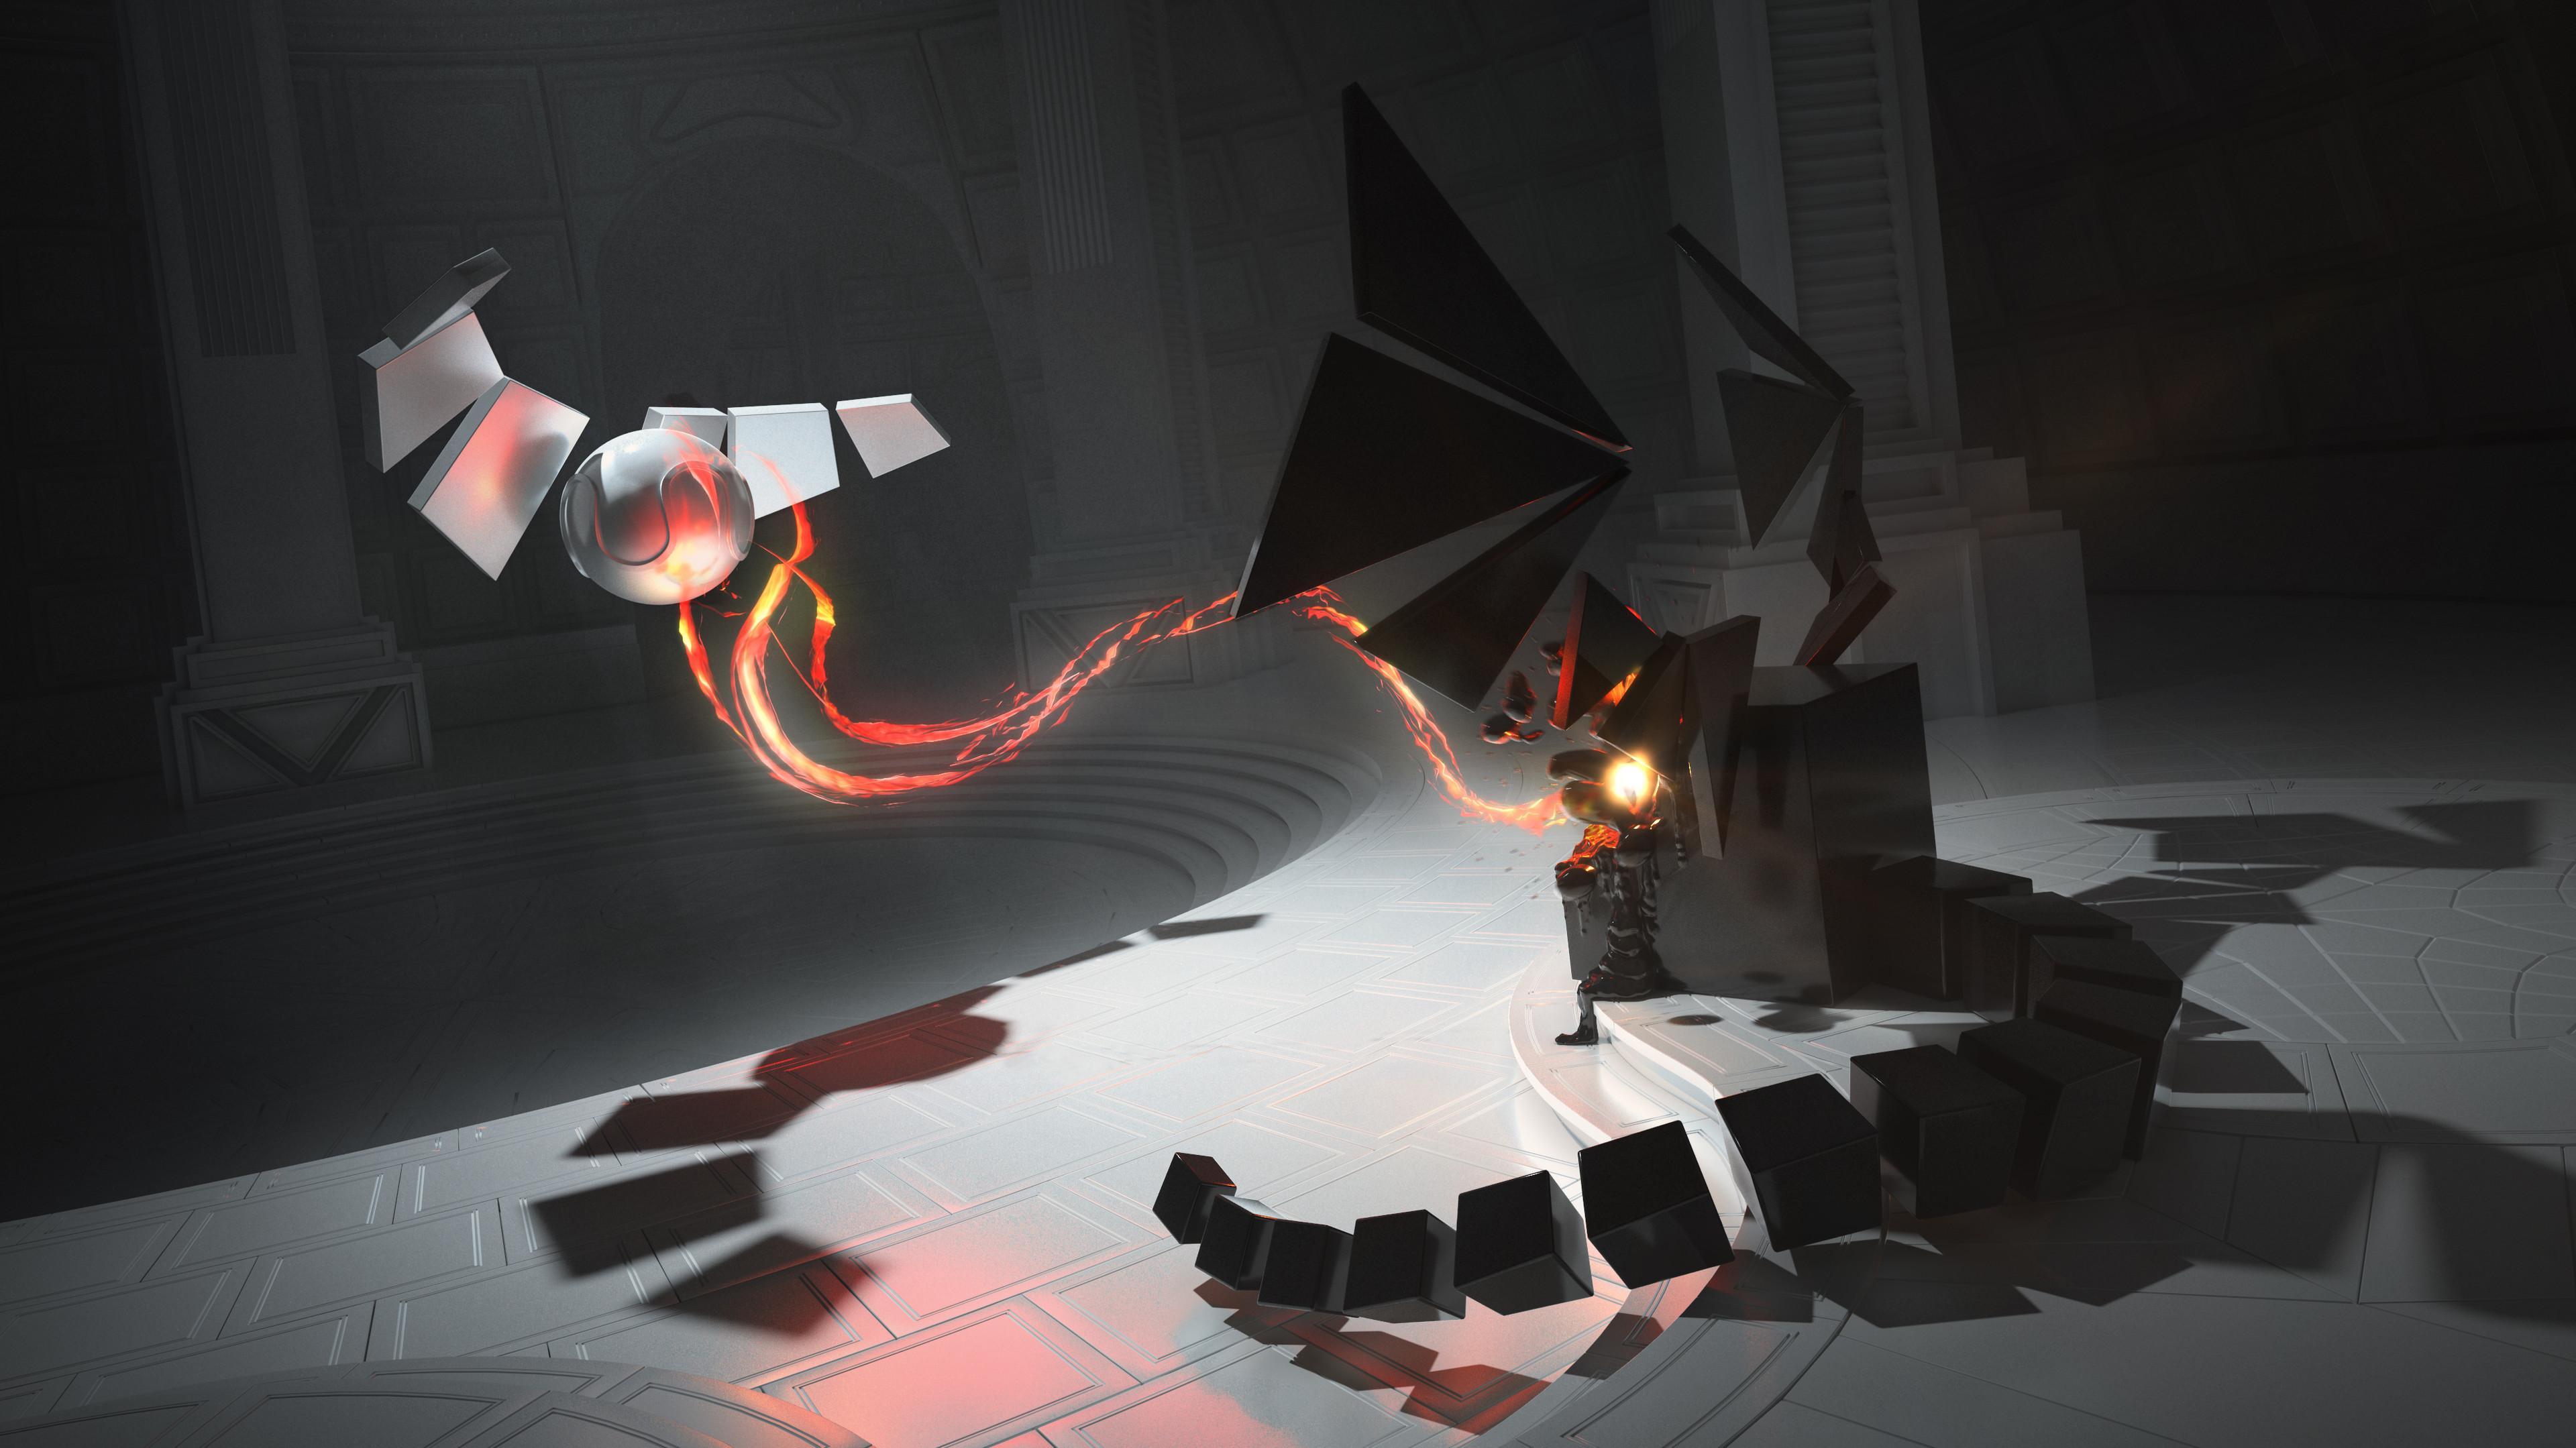 Michael Slaying Dragon